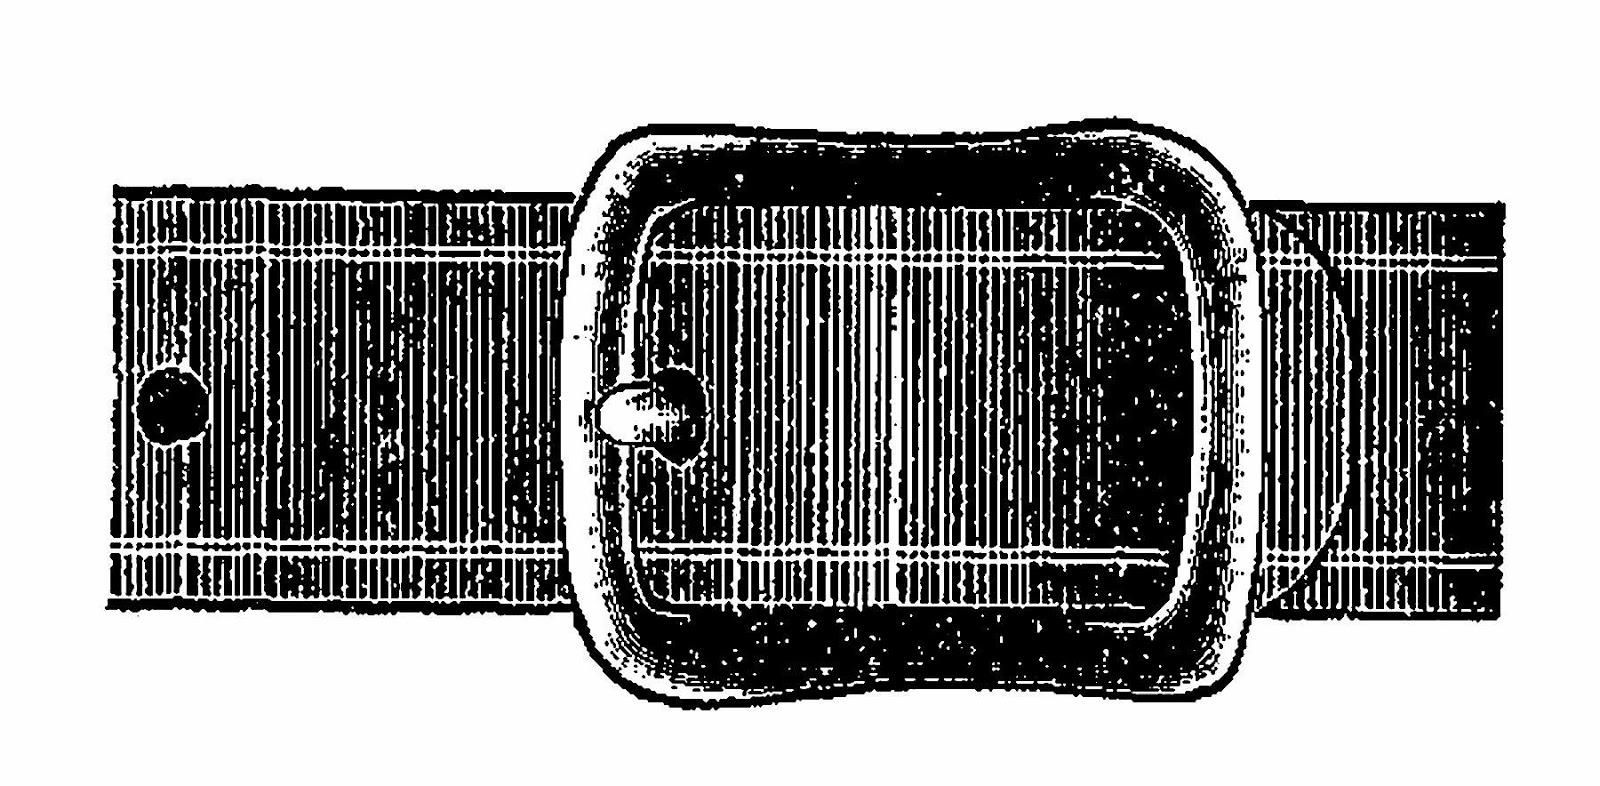 Antique images free digital. Belt clipart belt buckle